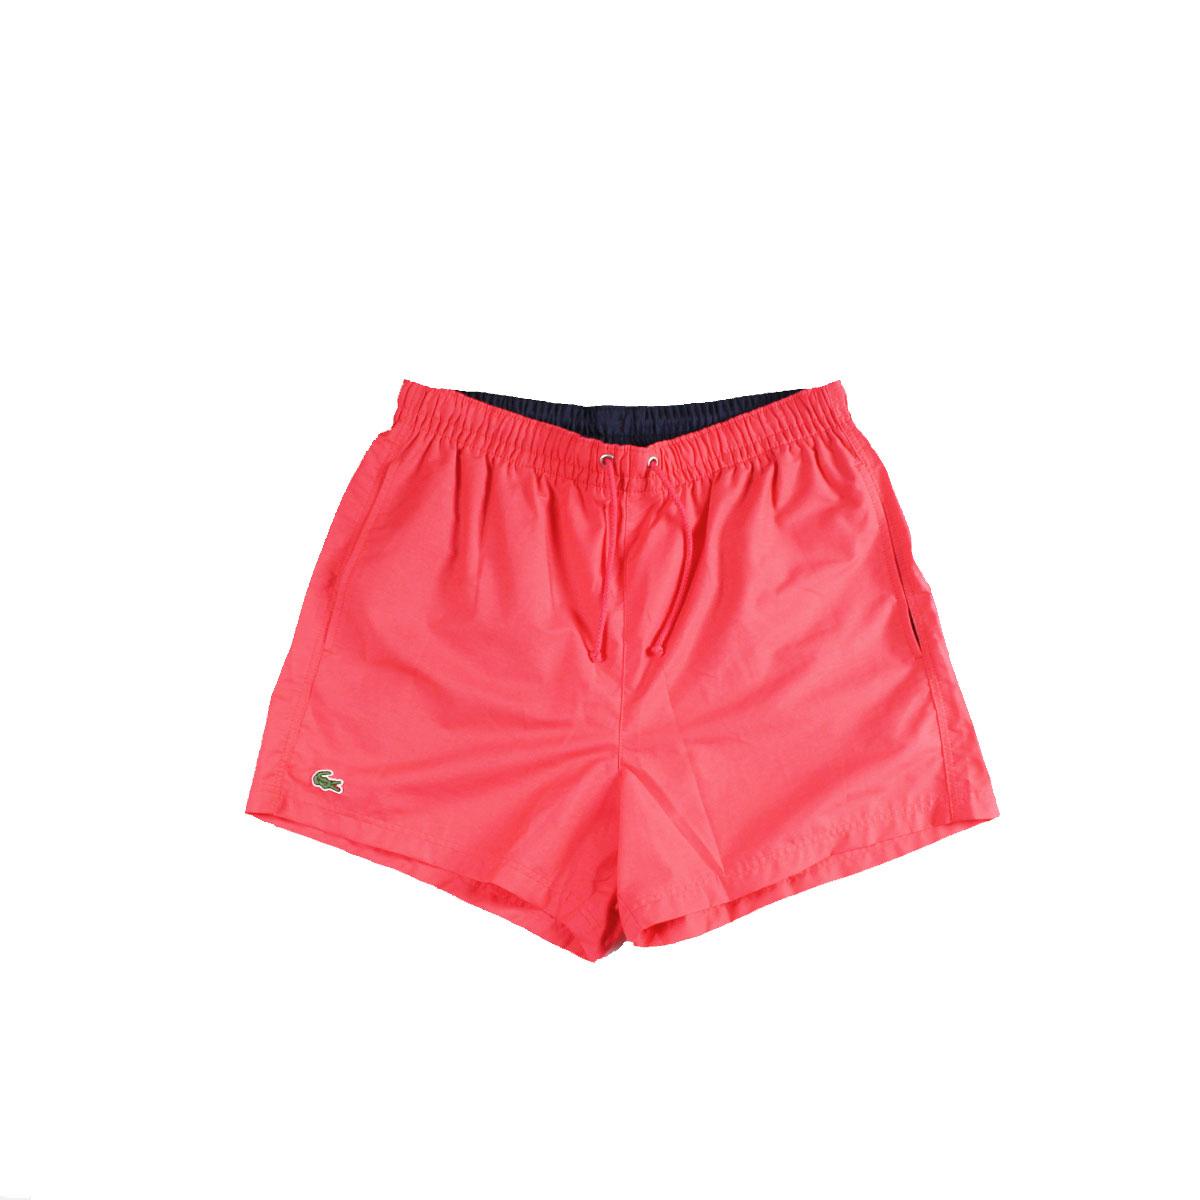 Pantaloncino Lacoste